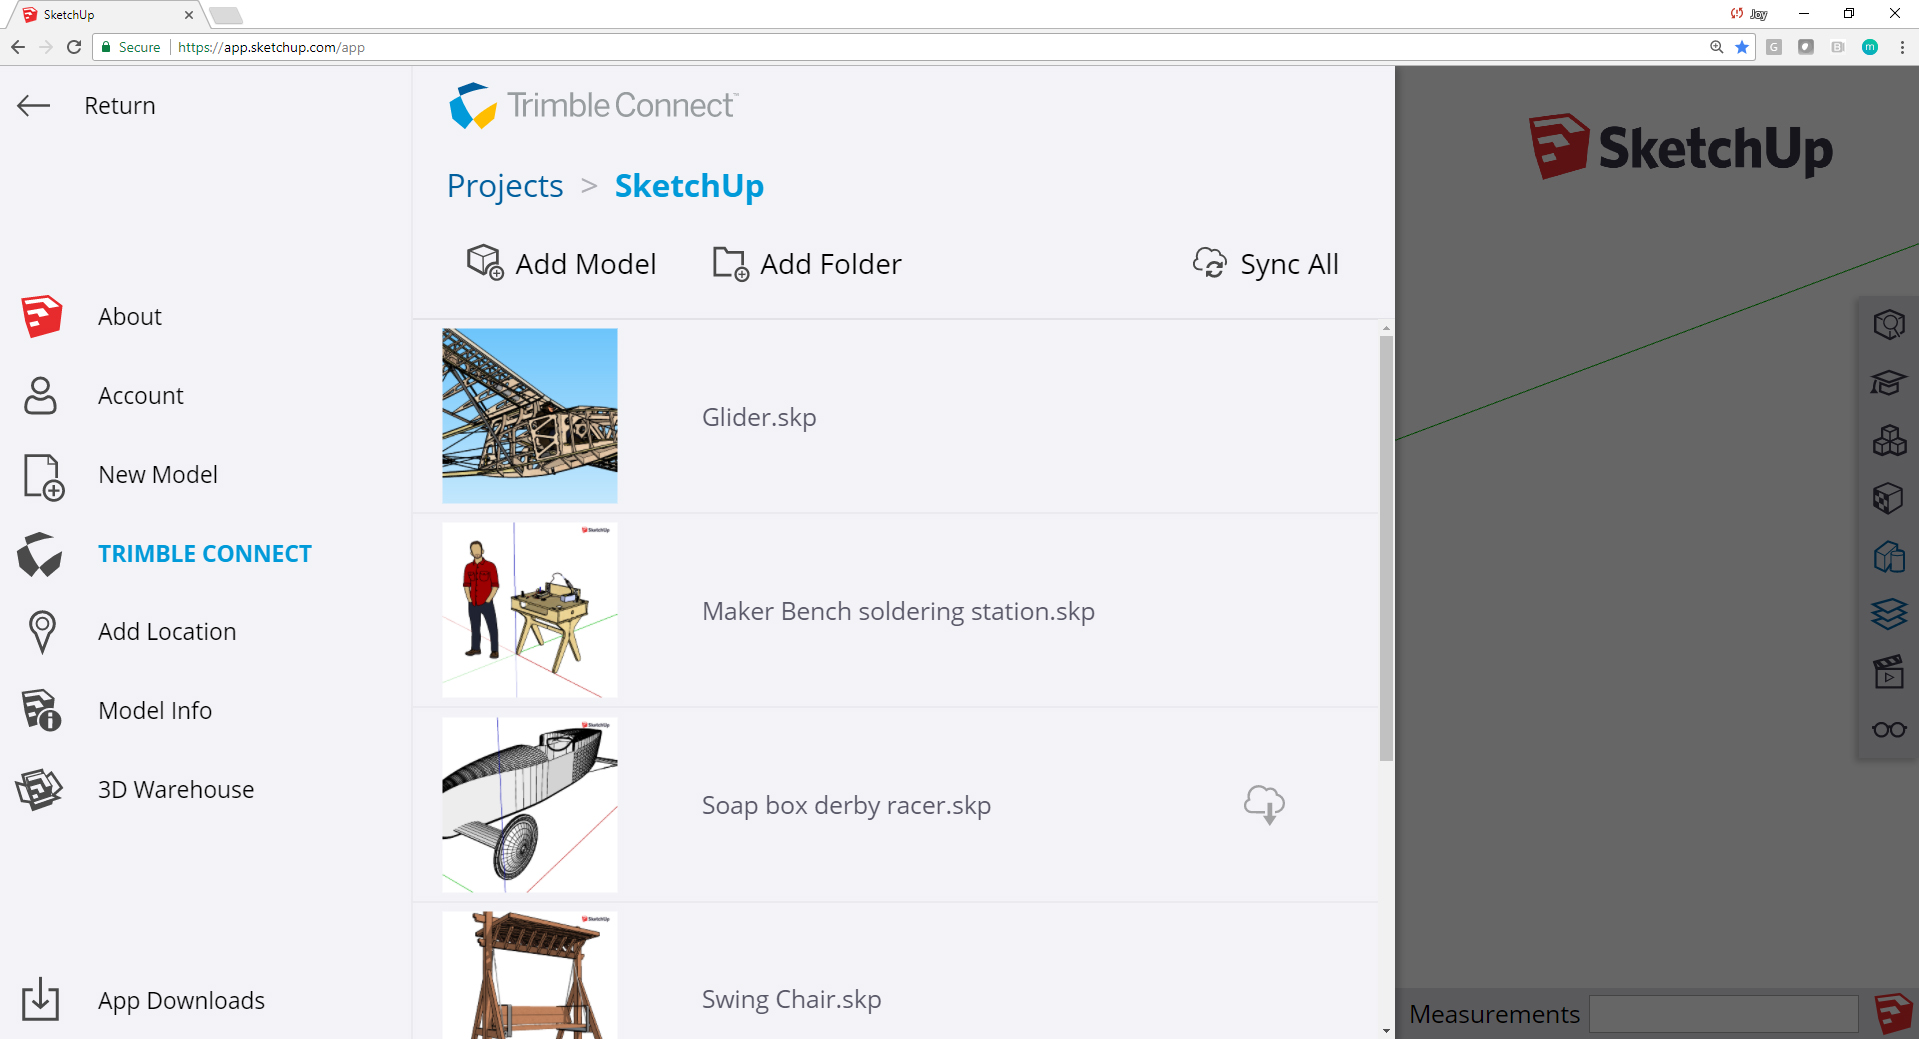 Trimble Connect jest dostępny także samodzielnie w każdej przeglądarce internetowej